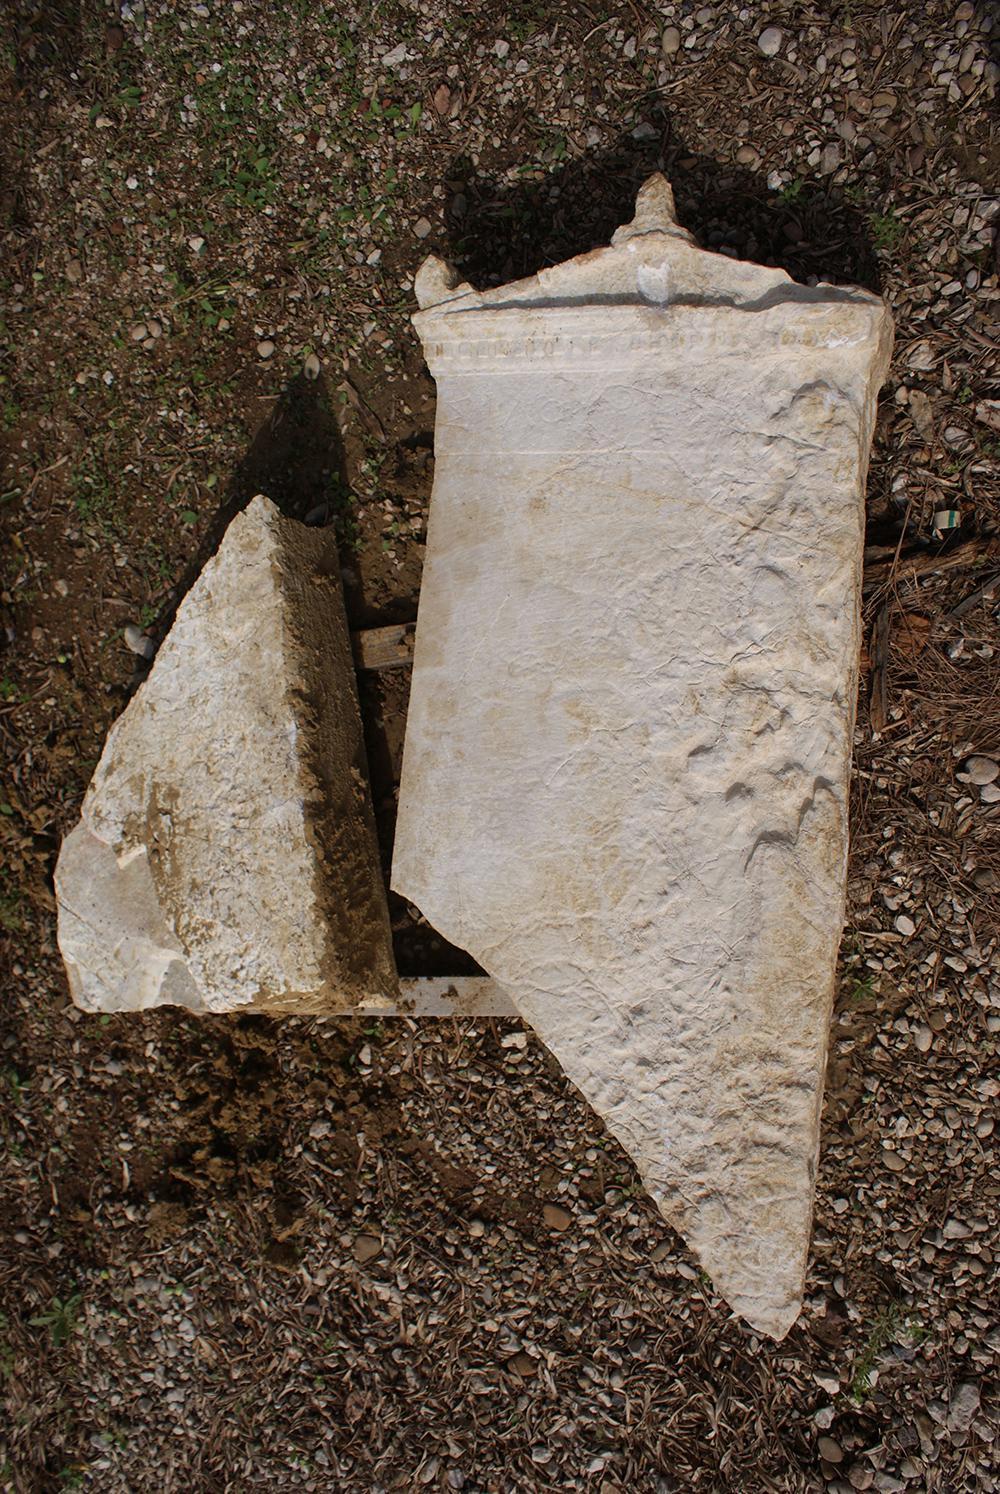 Αποκάλυψη οκτώ τάφων προϊστορικών χρόνων σε έρευνα στην Ηλεία – Εντυπωσιακές εικόνες